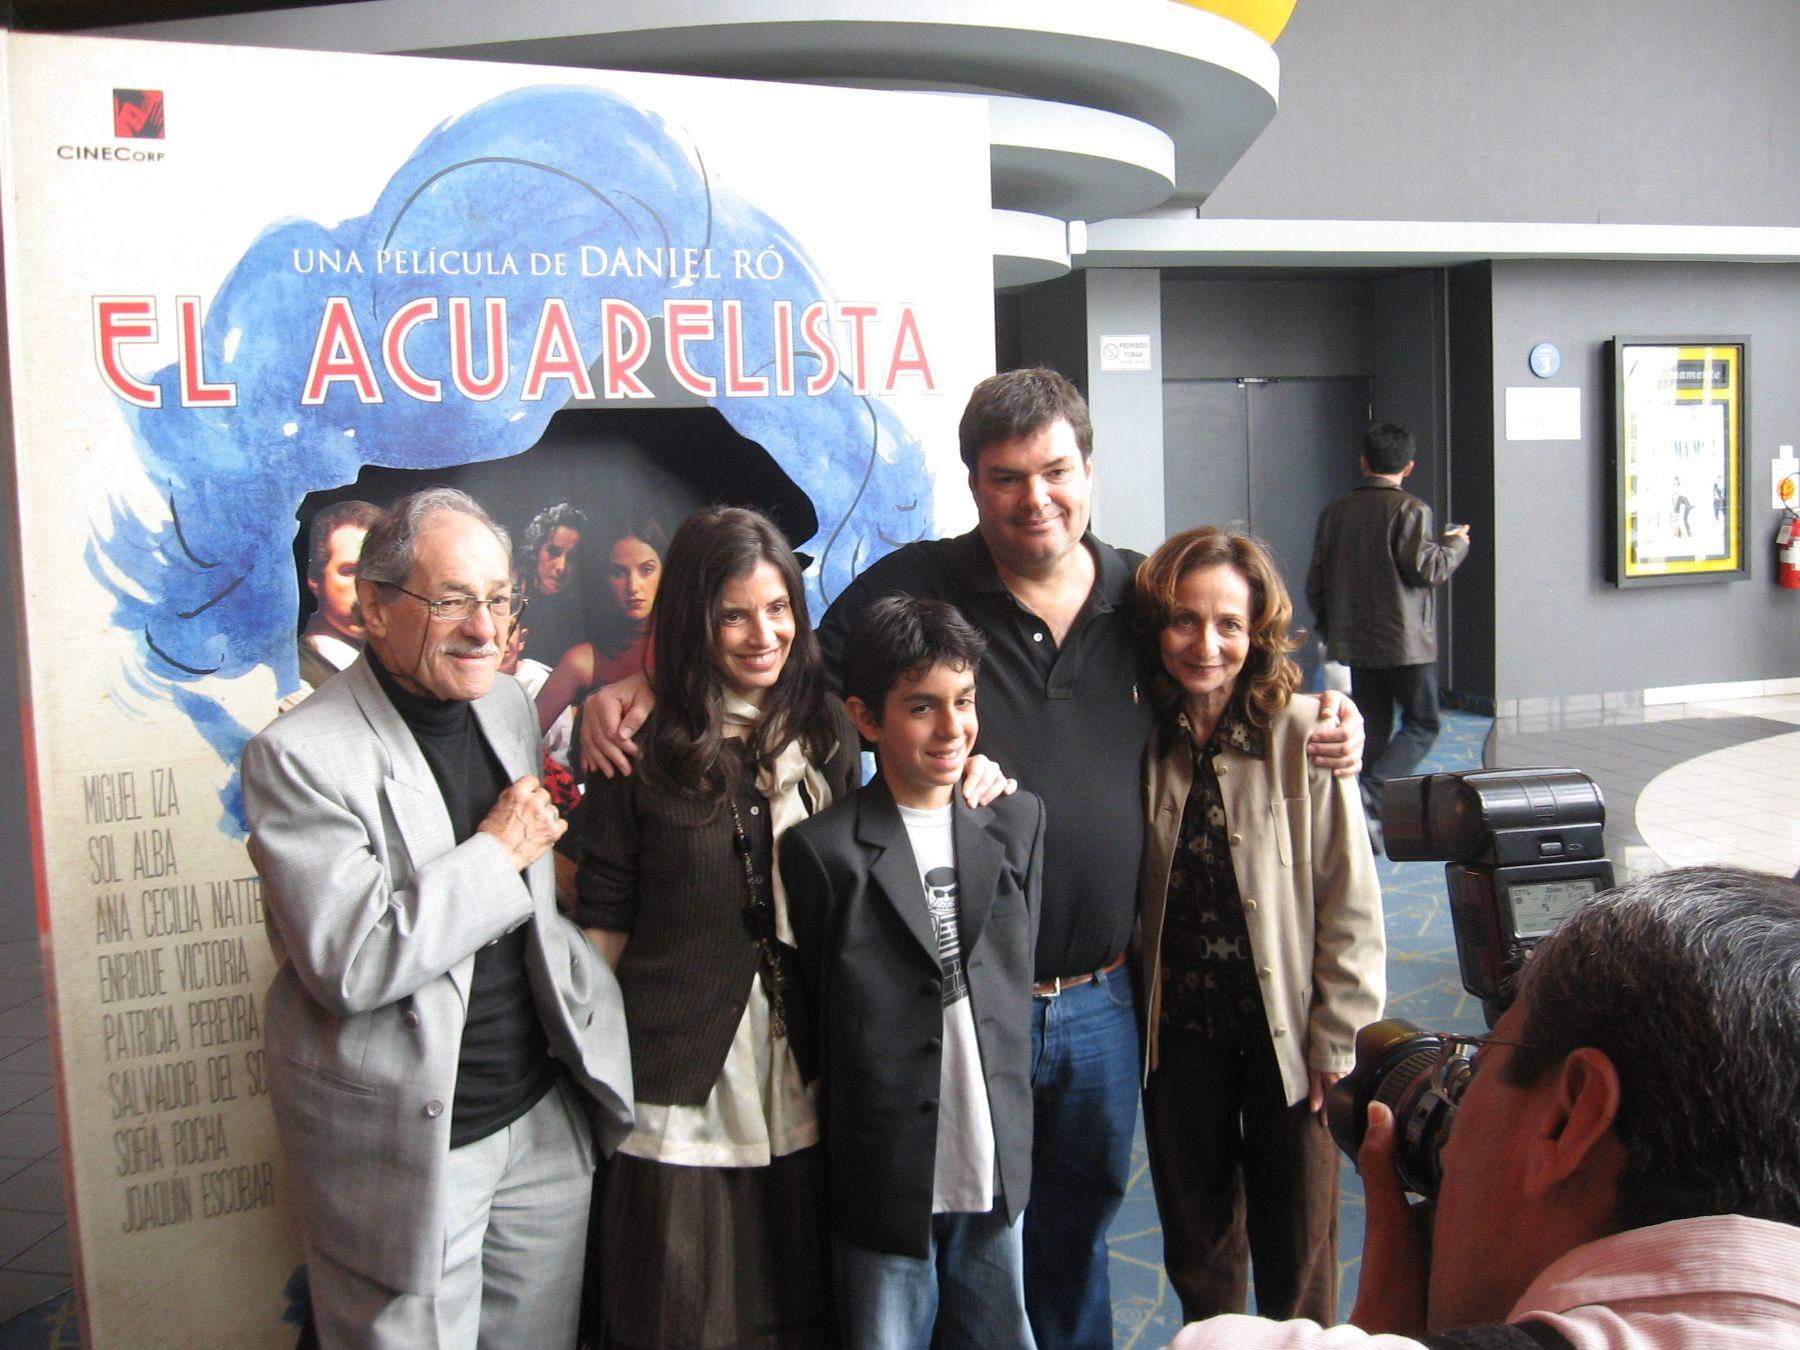 El director de la película, Daniel Ró, junto al elenco de su ópera prima.